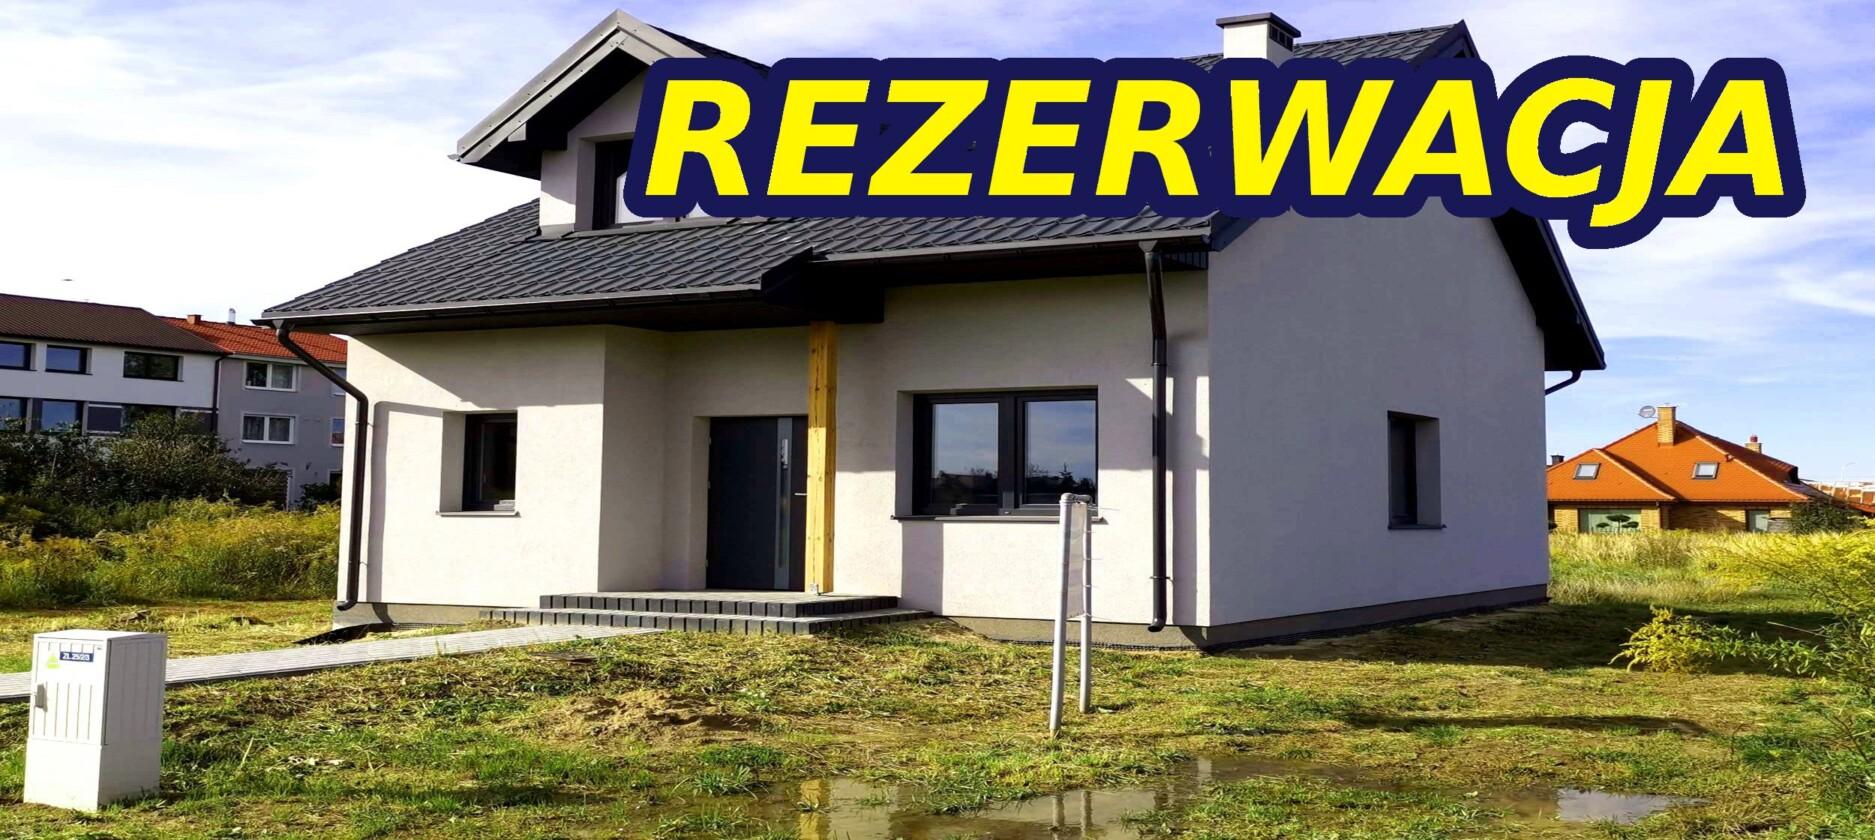 rezdrzymalyslider - Nieruchomości Krzysztof Górski Zamość, biuro nieruchomości, domy, mieszkania, działki, lokale, sprzedaż nieruchomości, wynajem nieruchomości